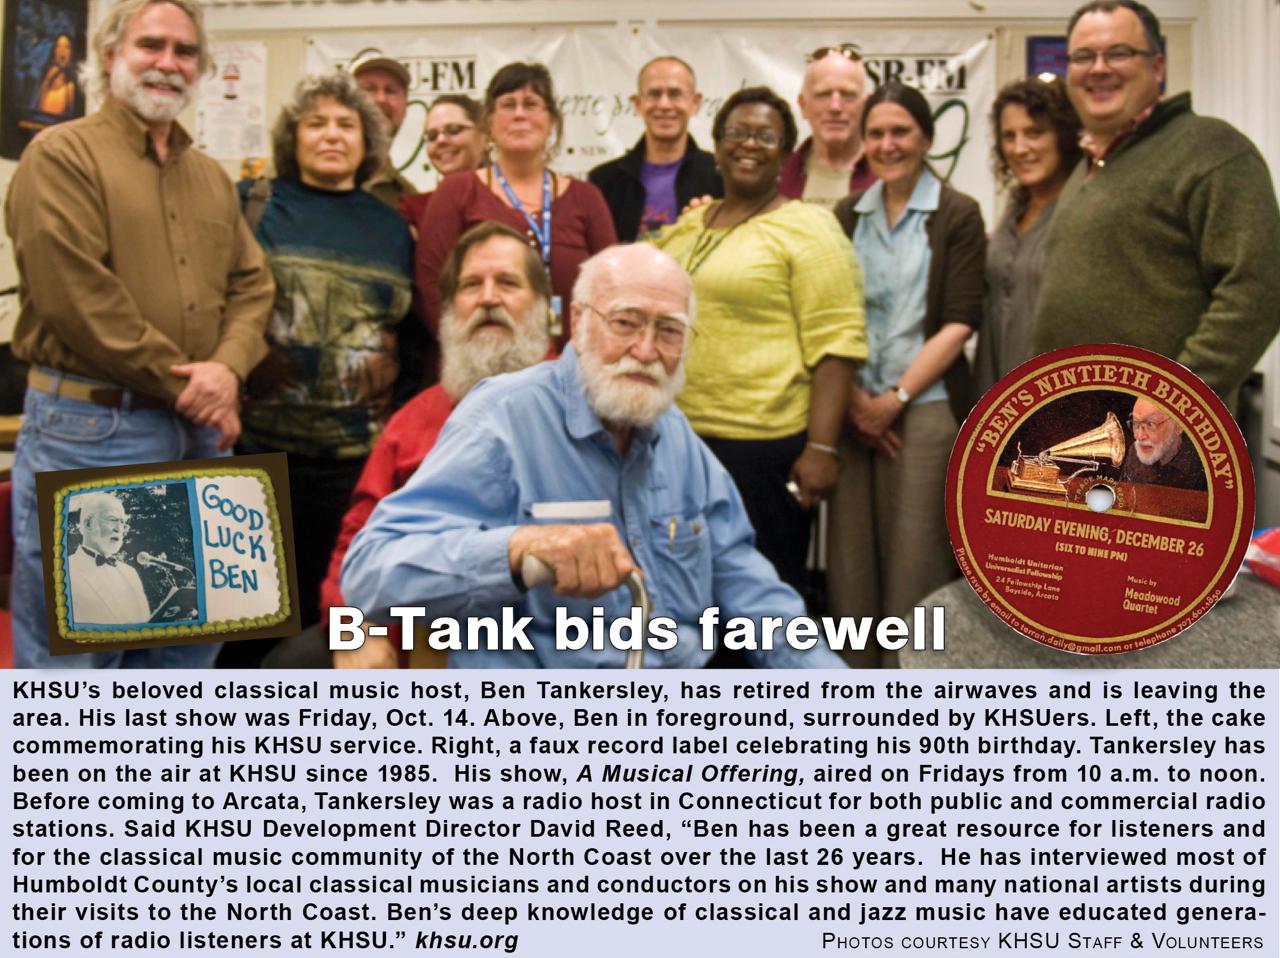 b-tank